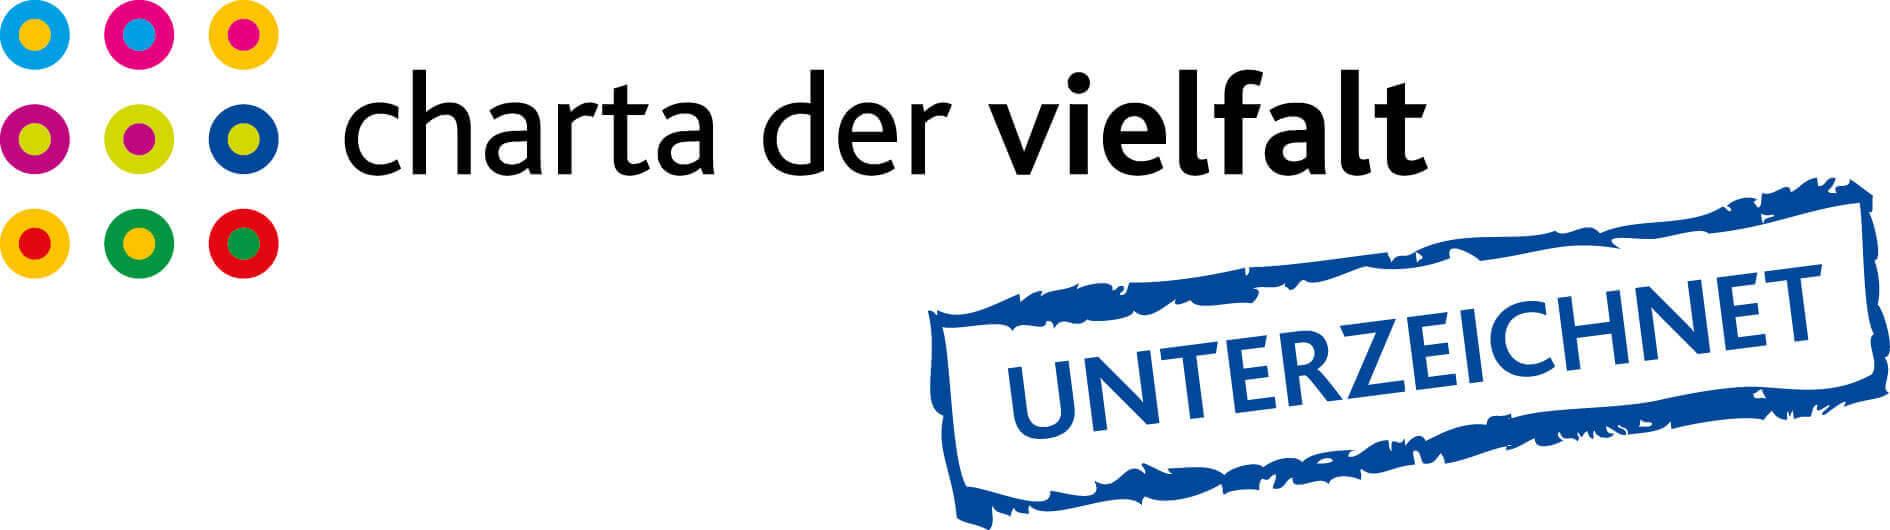 charta-der-vielfalt